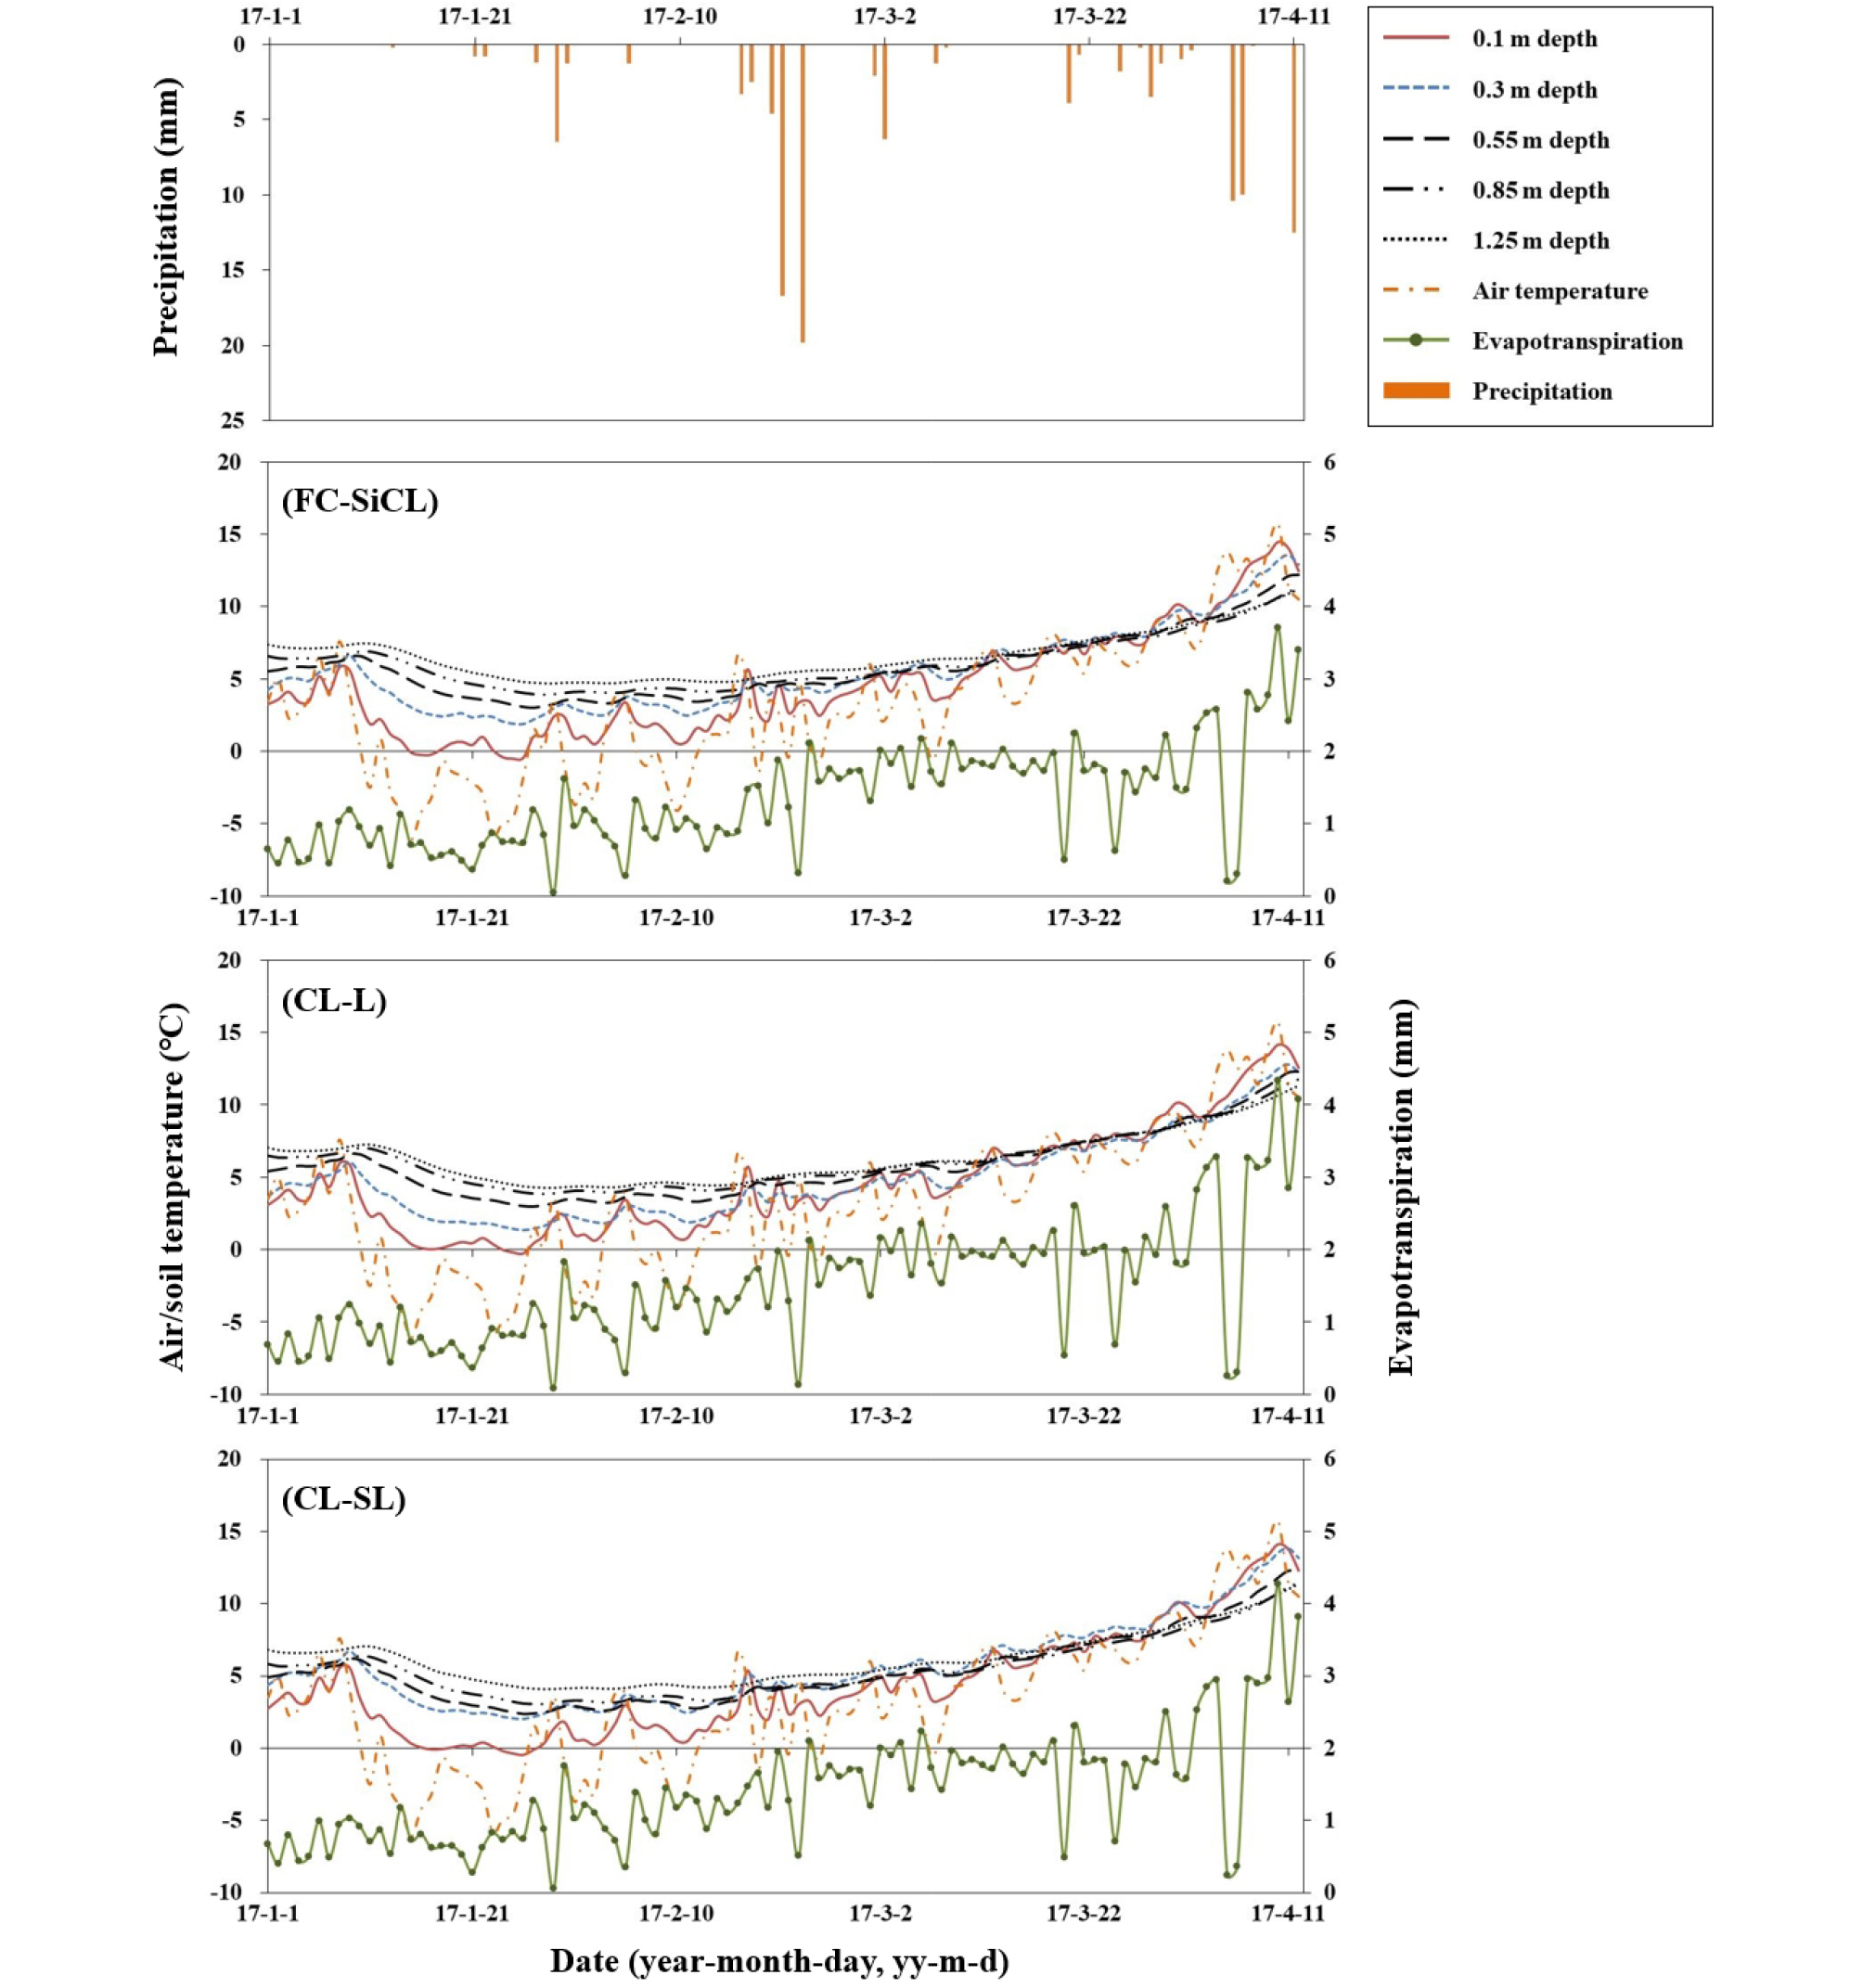 http://static.apub.kr/journalsite/sites/ksssf/2020-053-03/N0230530308/images/ksssf_53_03_08_F1.jpg